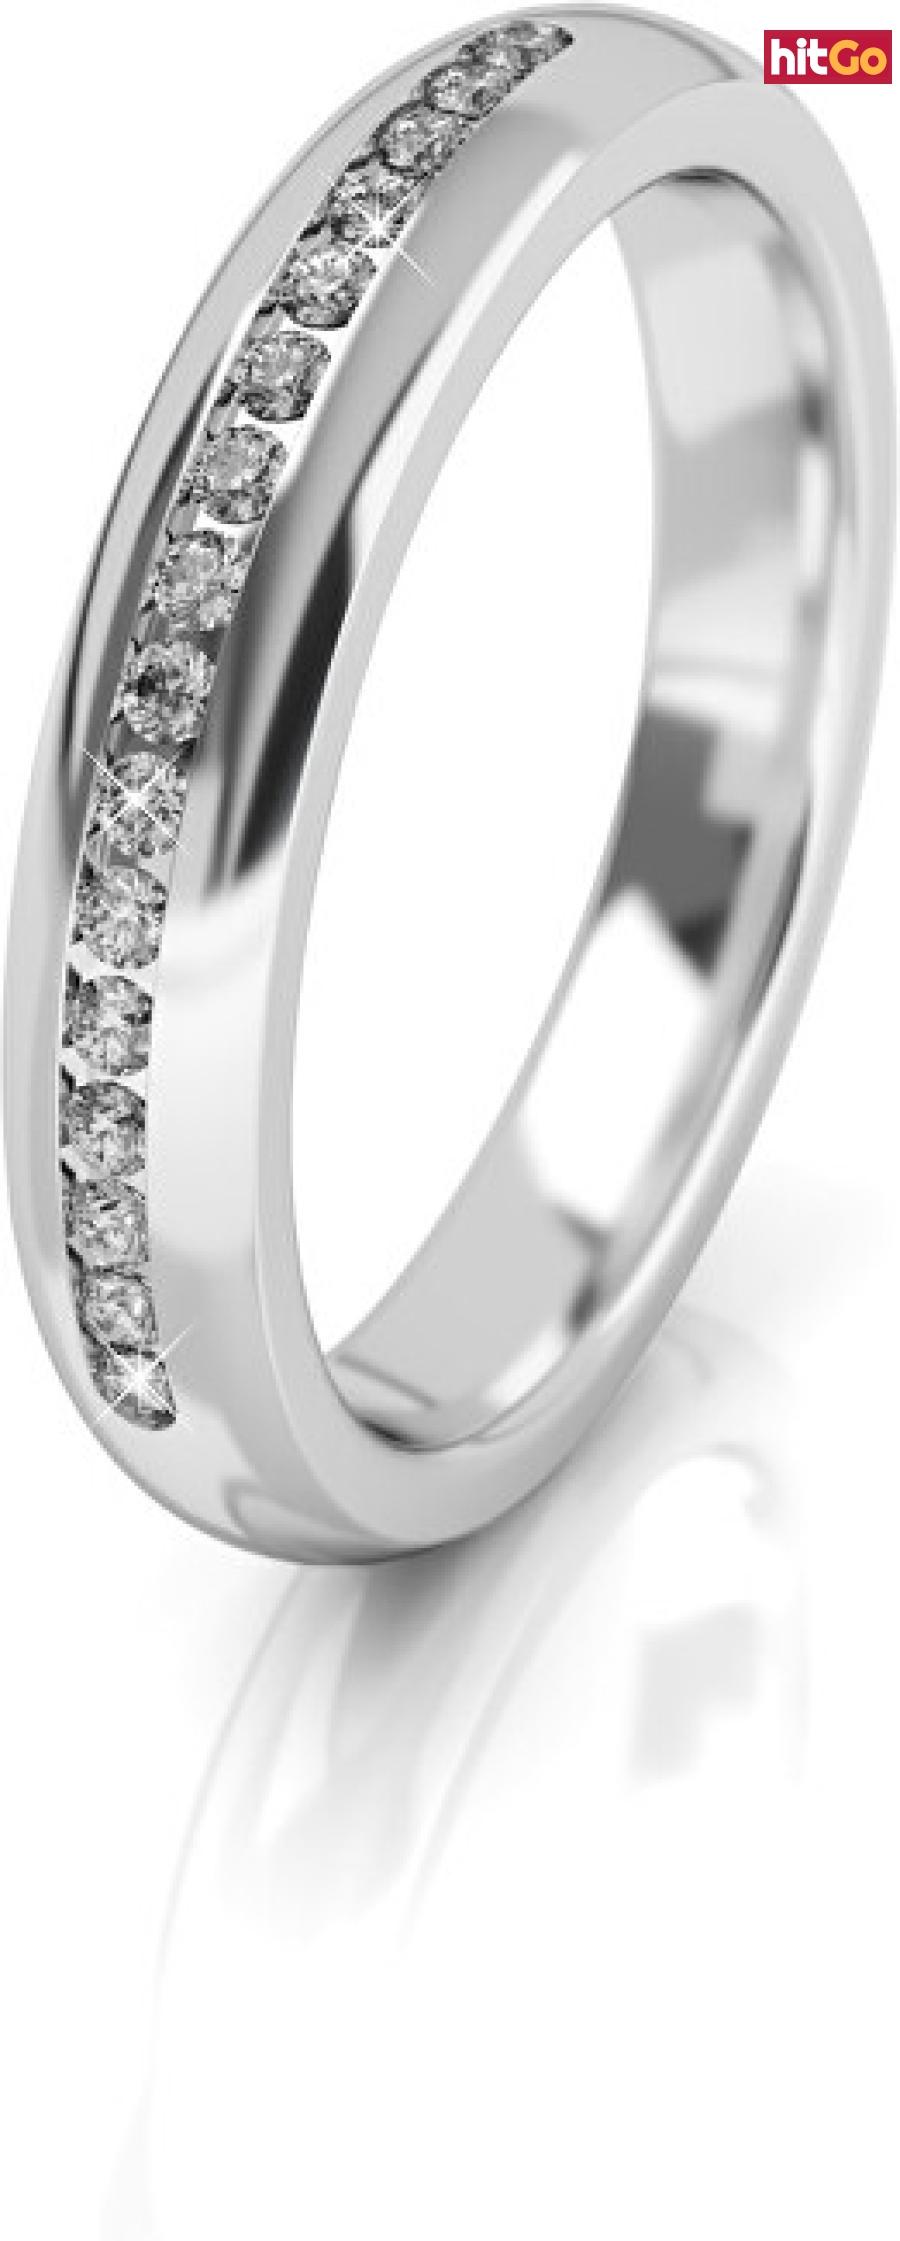 Art Diamond Dámský snubní prsten z bílého zlata se zirkony AUG277 52 mm dámské